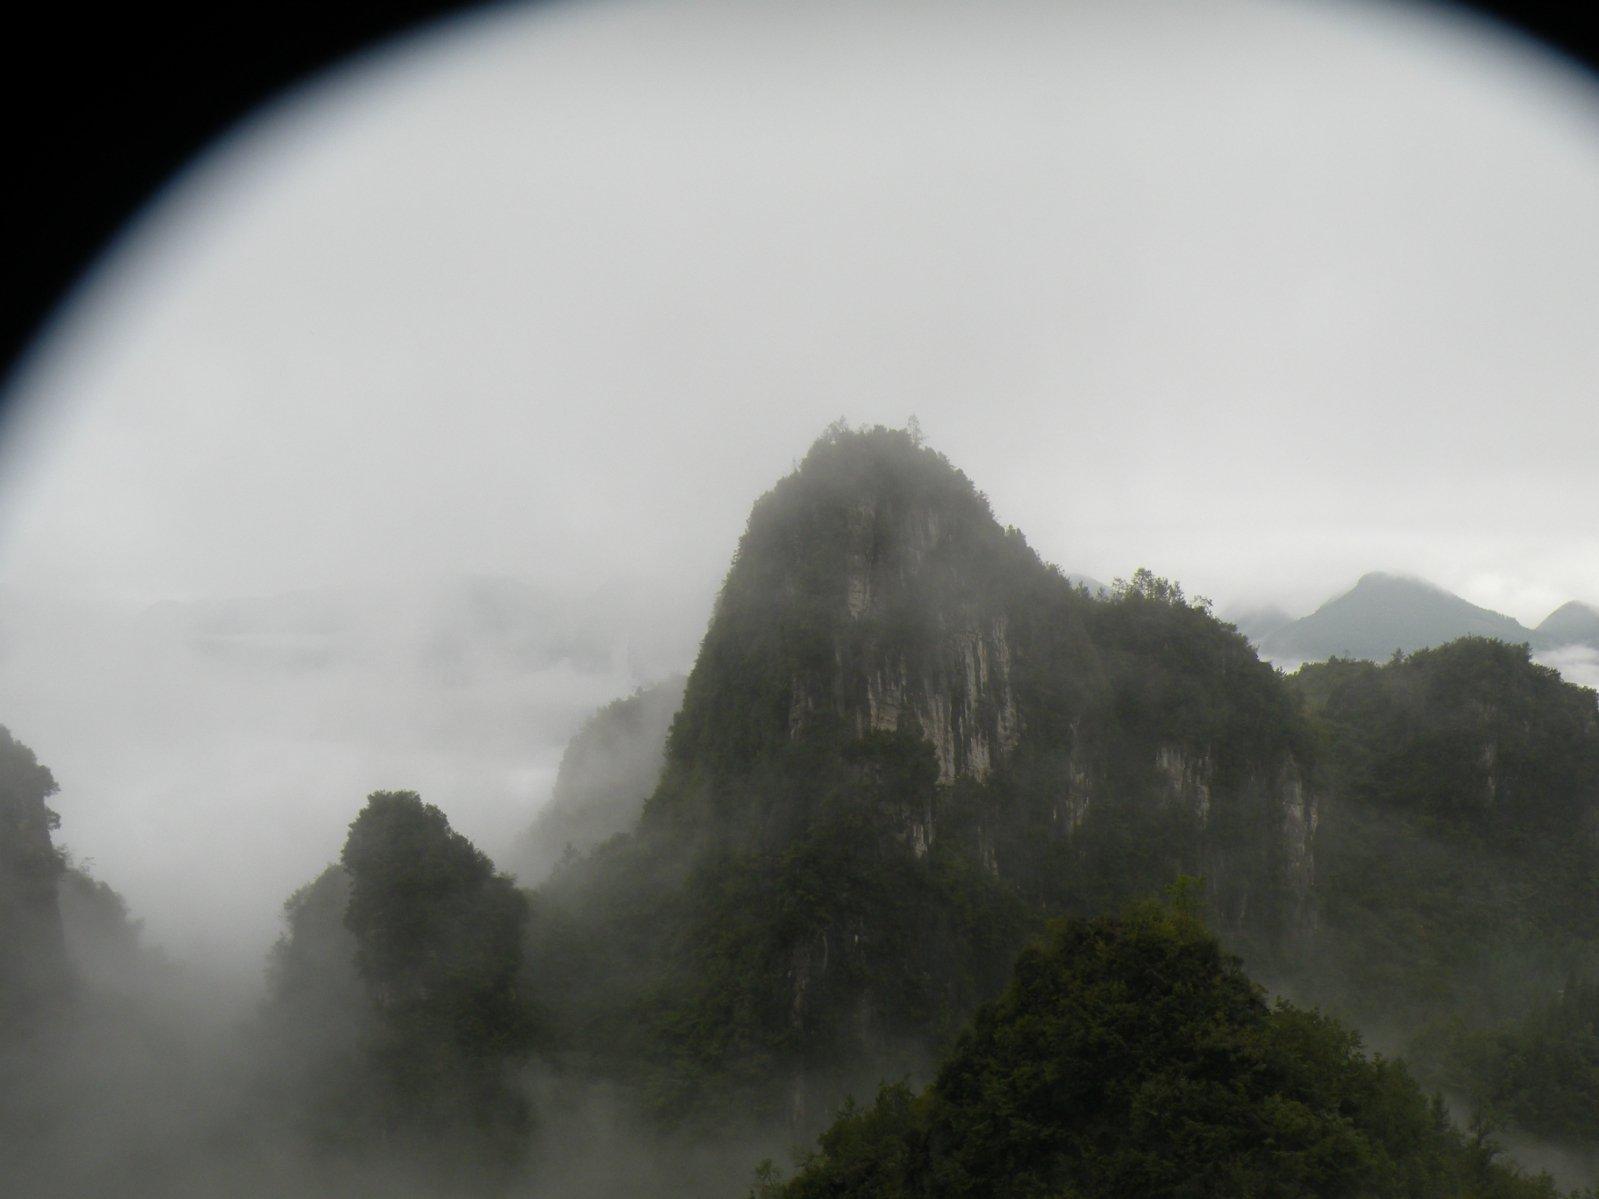 2019恩施大峡谷游玩攻略,恩施大峡谷,清晨的峡元旦v攻略攻略峨眉山图片